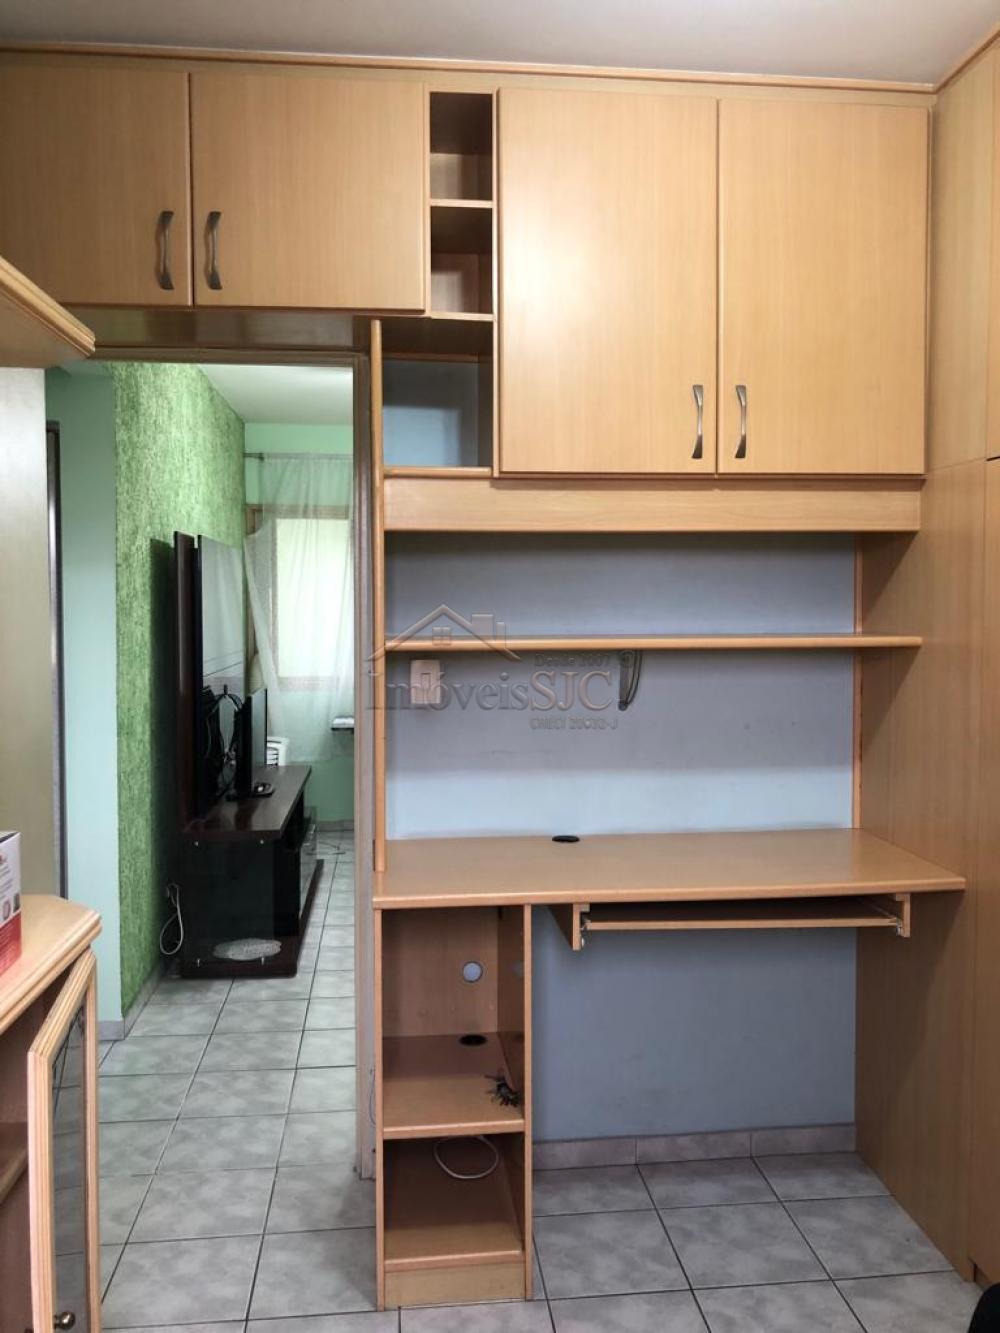 Comprar Apartamentos / Padrão em São José dos Campos apenas R$ 179.000,00 - Foto 10